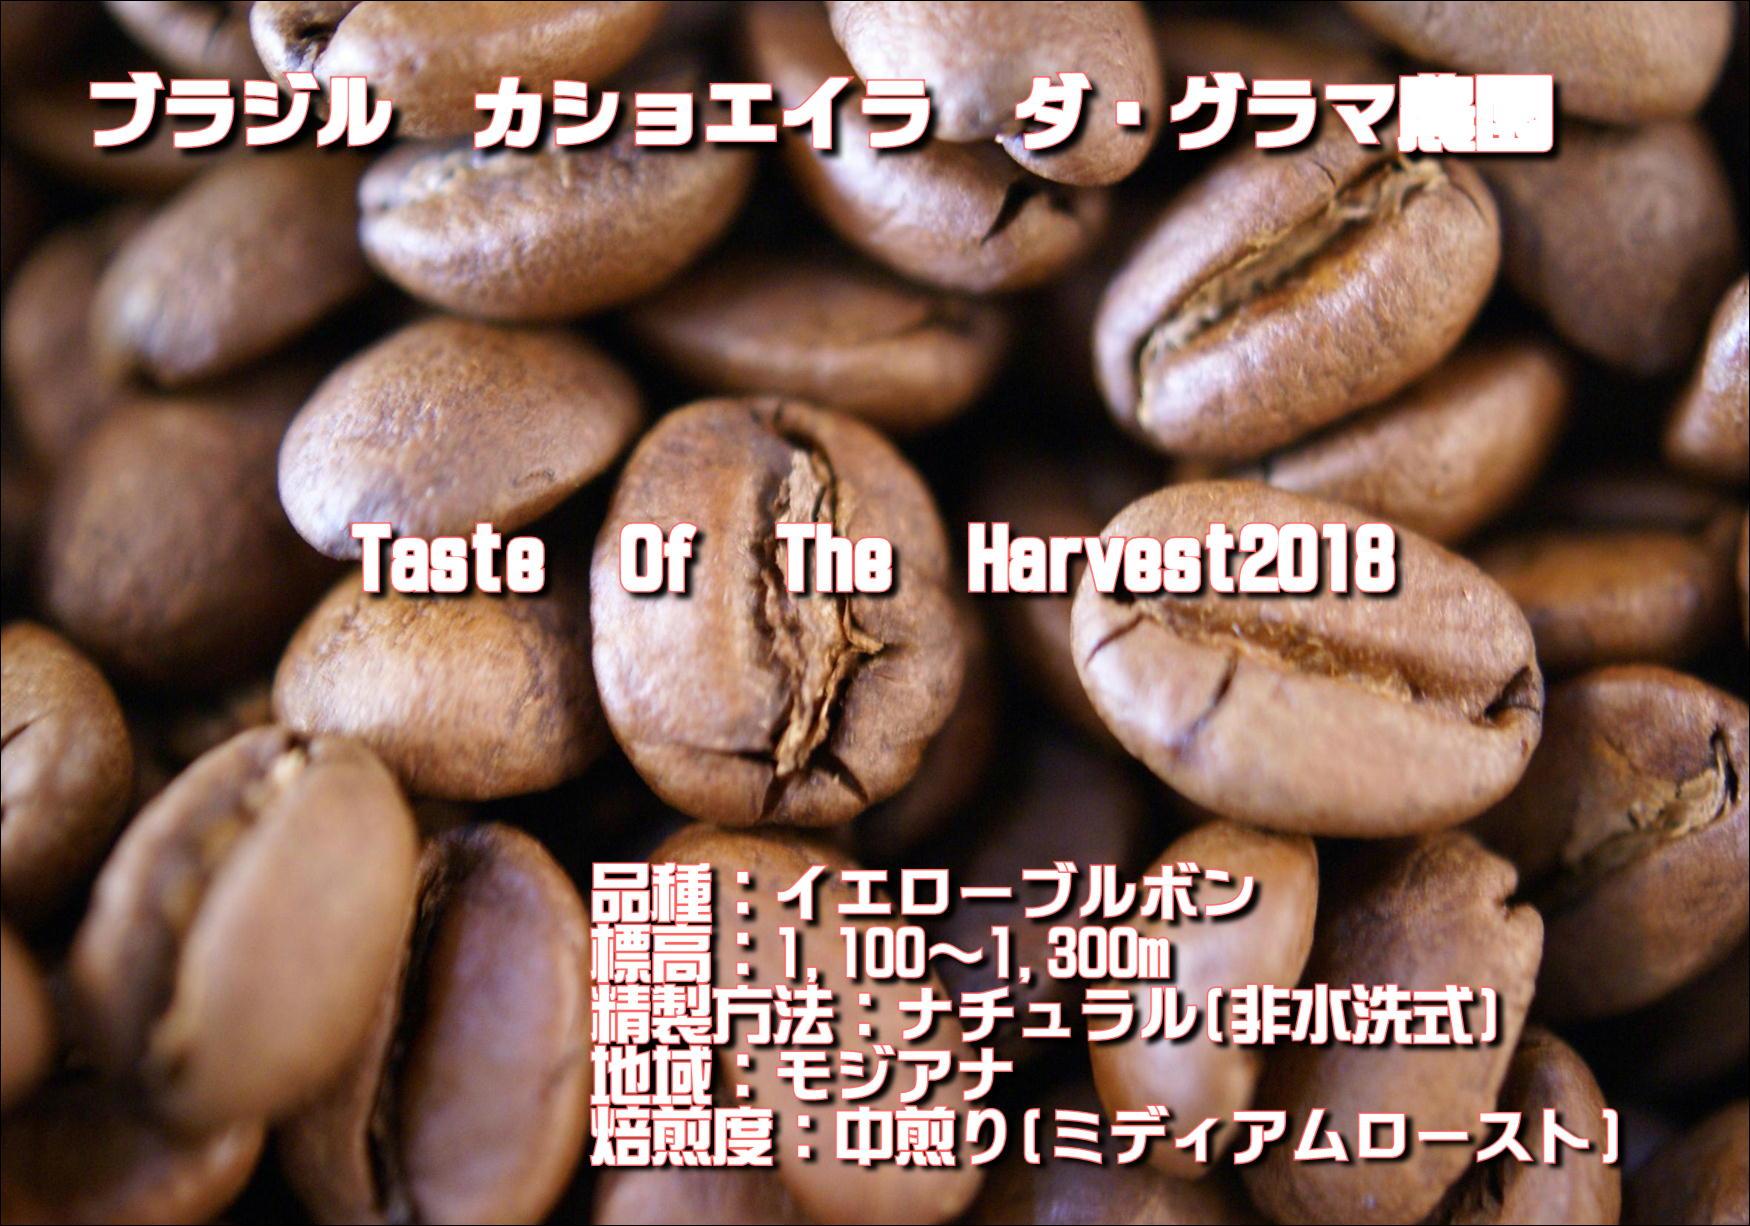 ブラジル カショエイラ豆画像